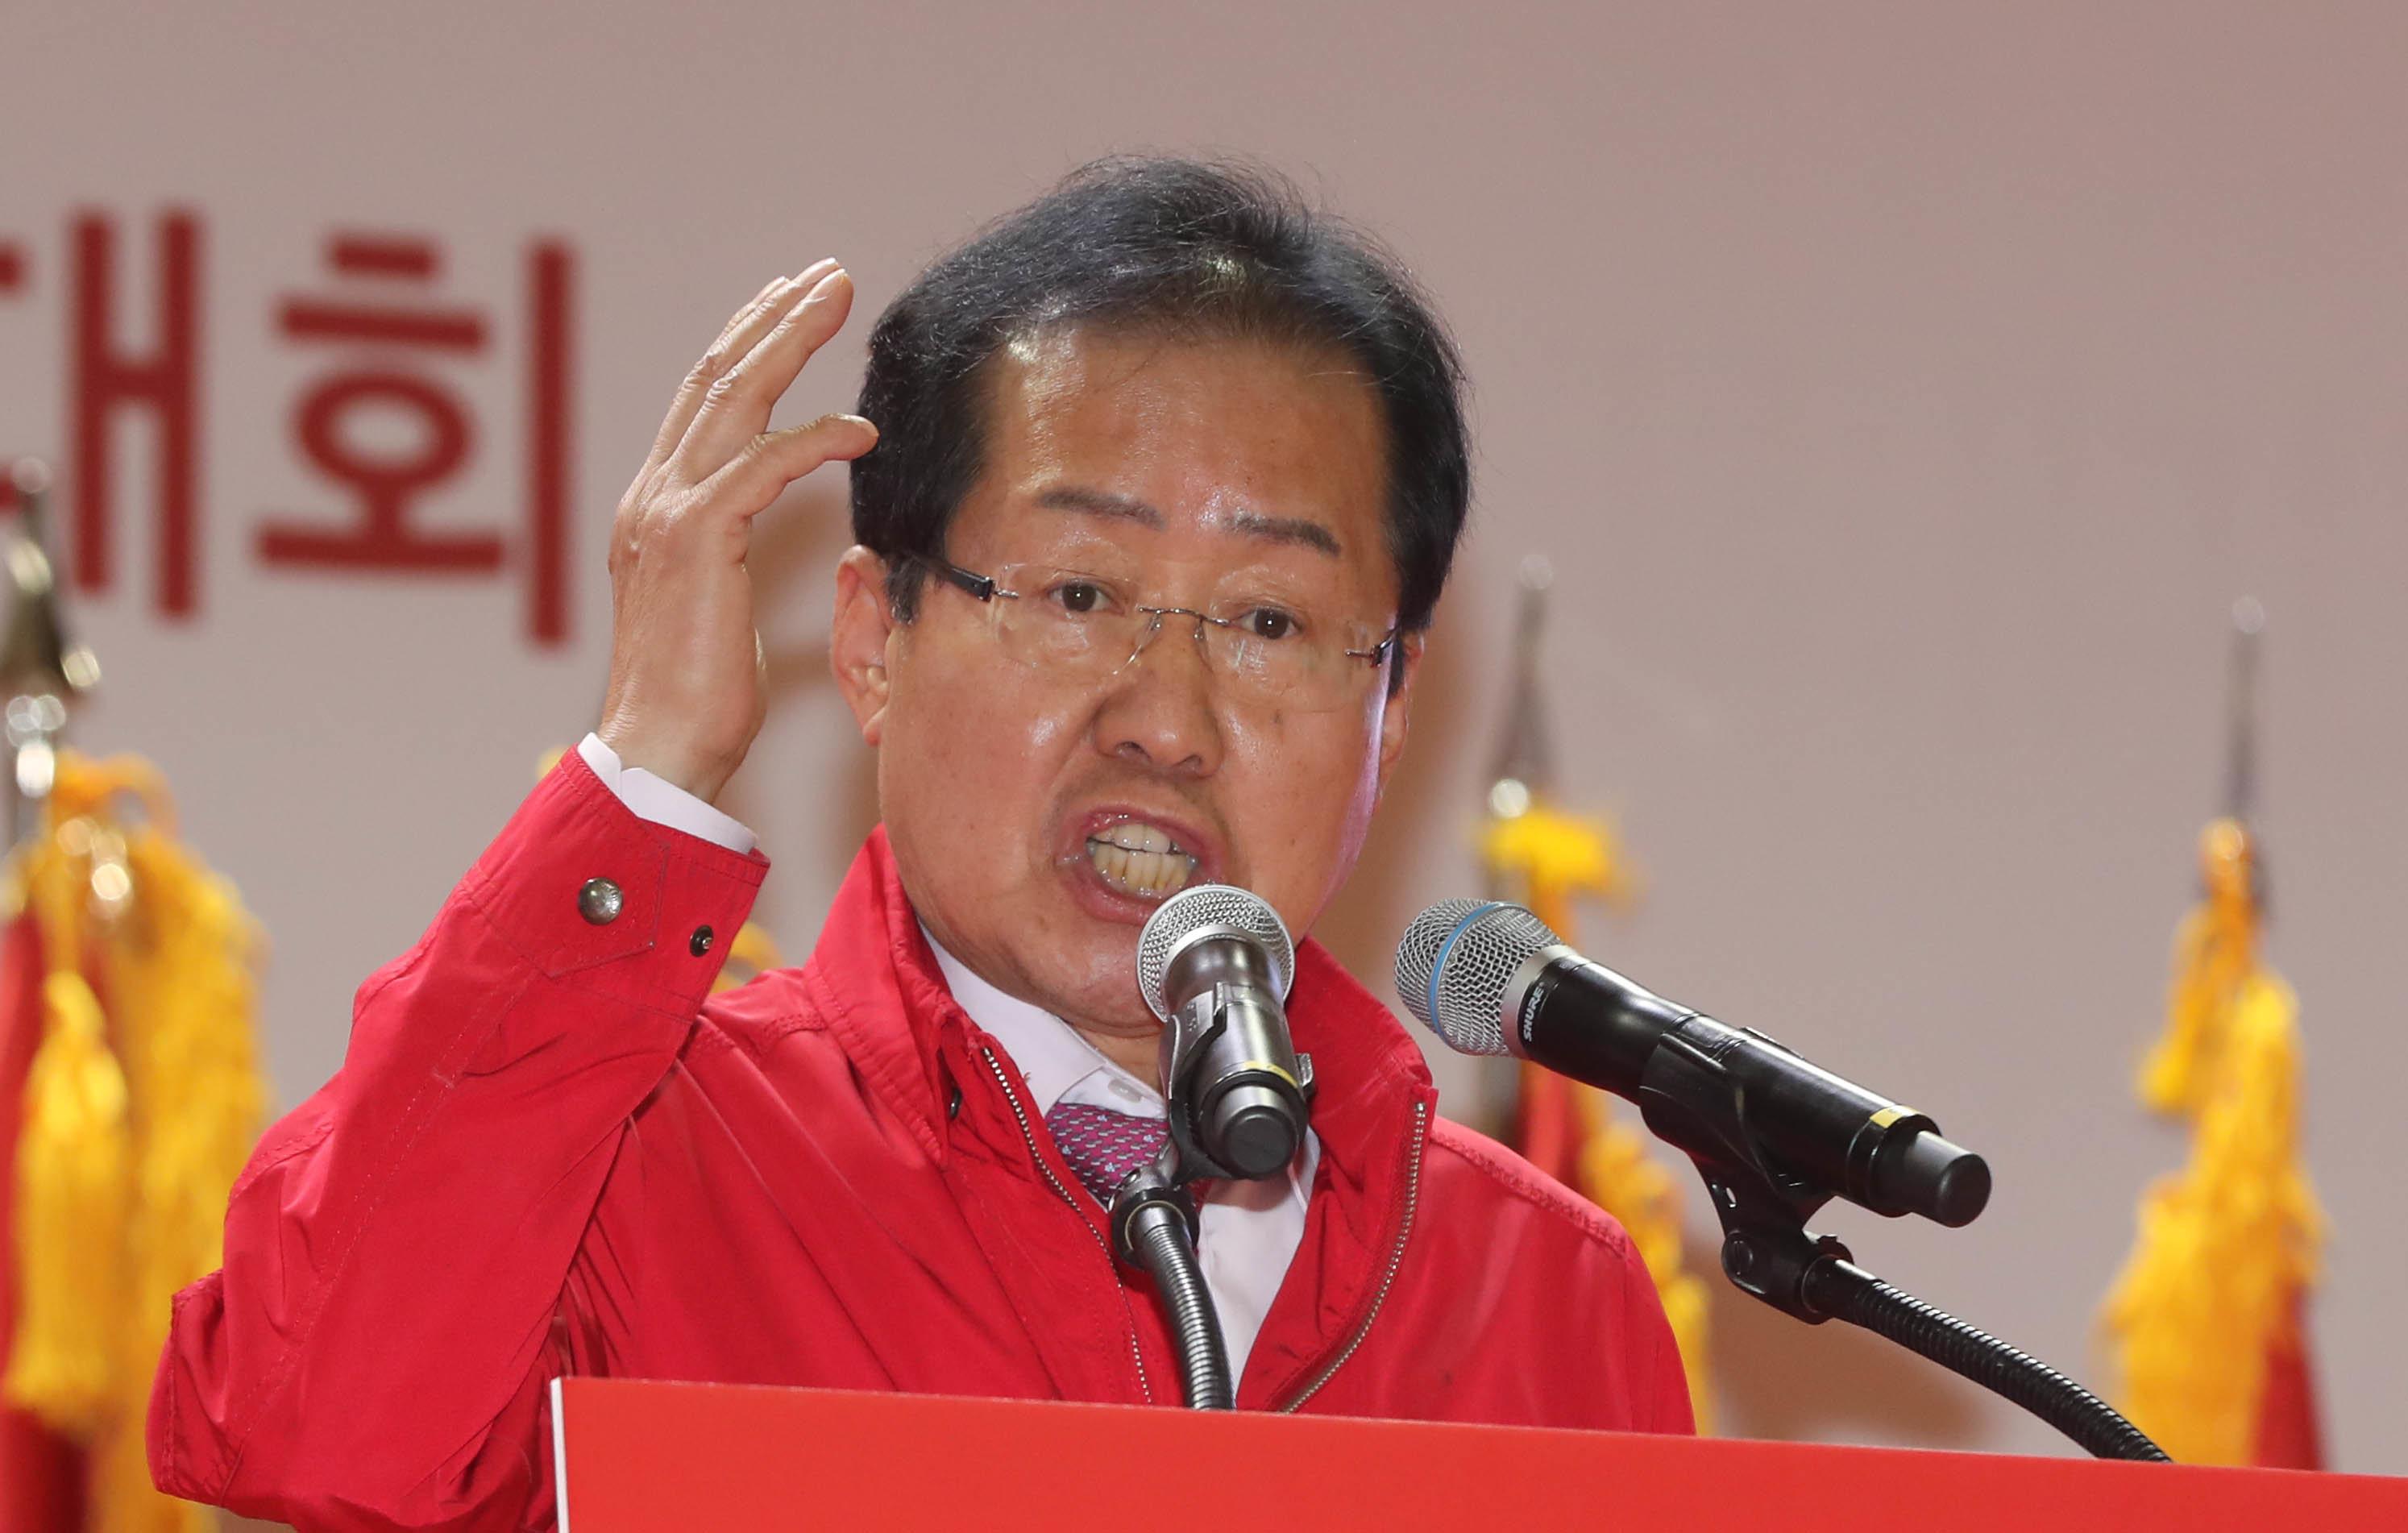 홍준표가 남북정상회담을 '남북 위장 평화쇼'라고 부르다